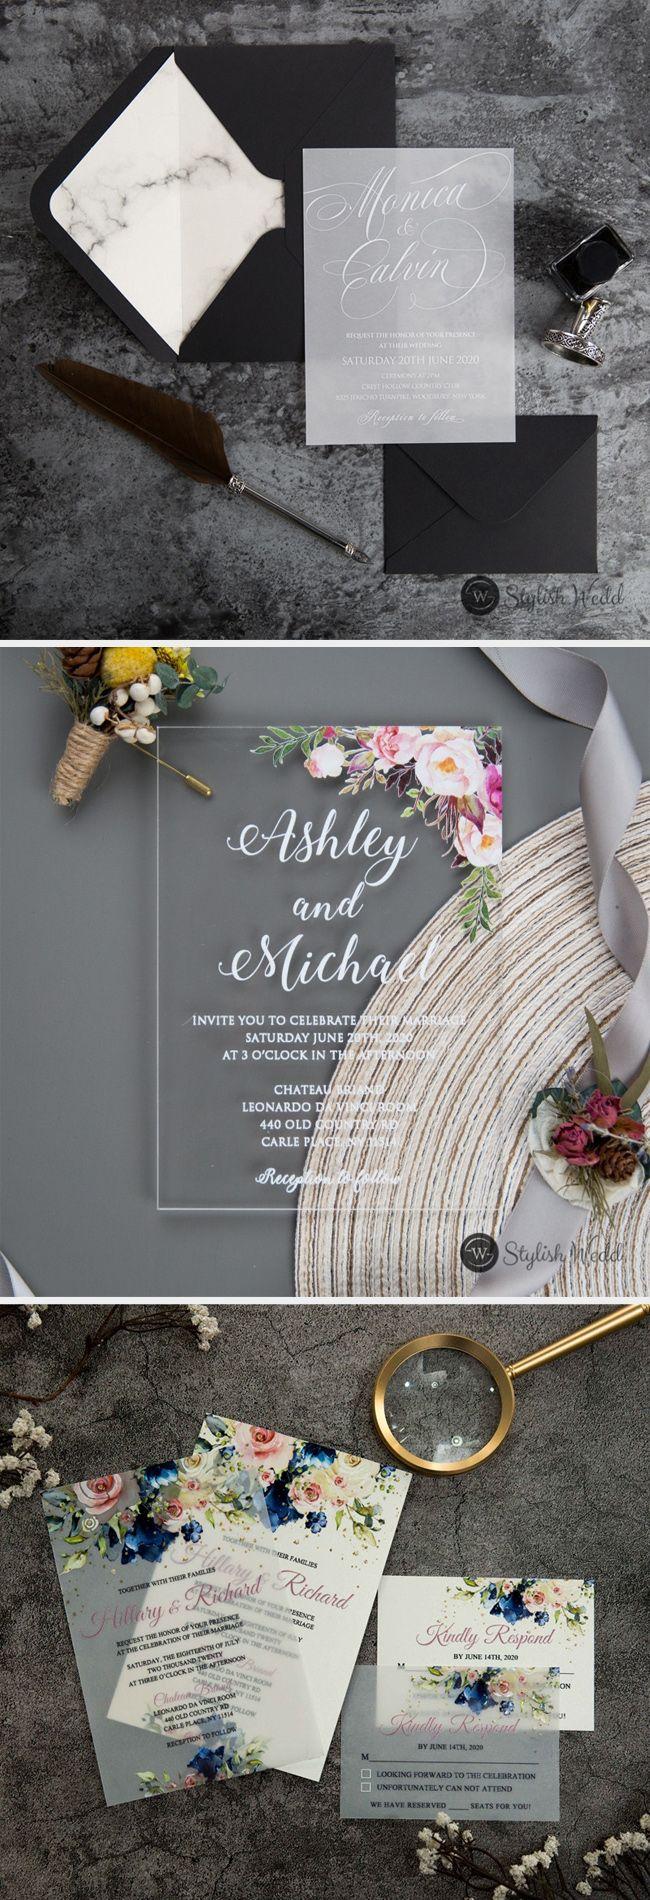 #wedding#weddinginvitations#stylishwedd#stylishweddinvitations